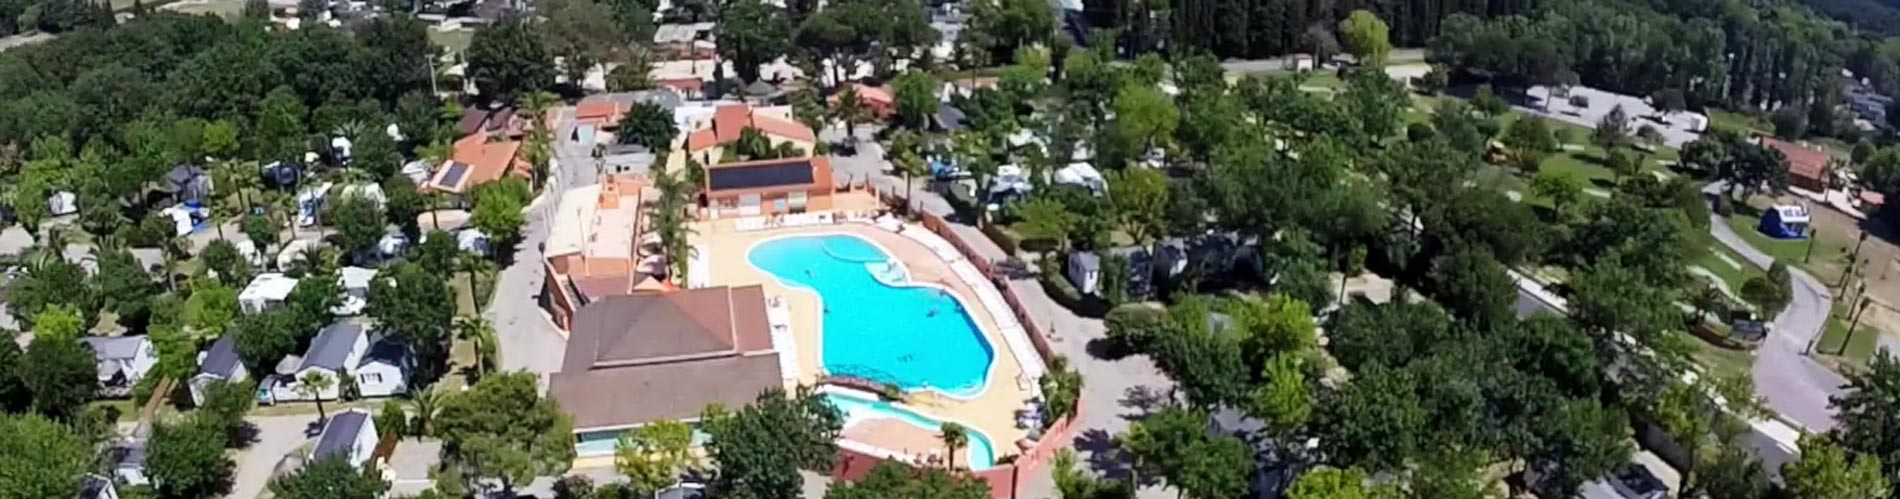 Camping argeles sur mer avec parc aquatique for Camping au lavandou bord de mer avec piscine